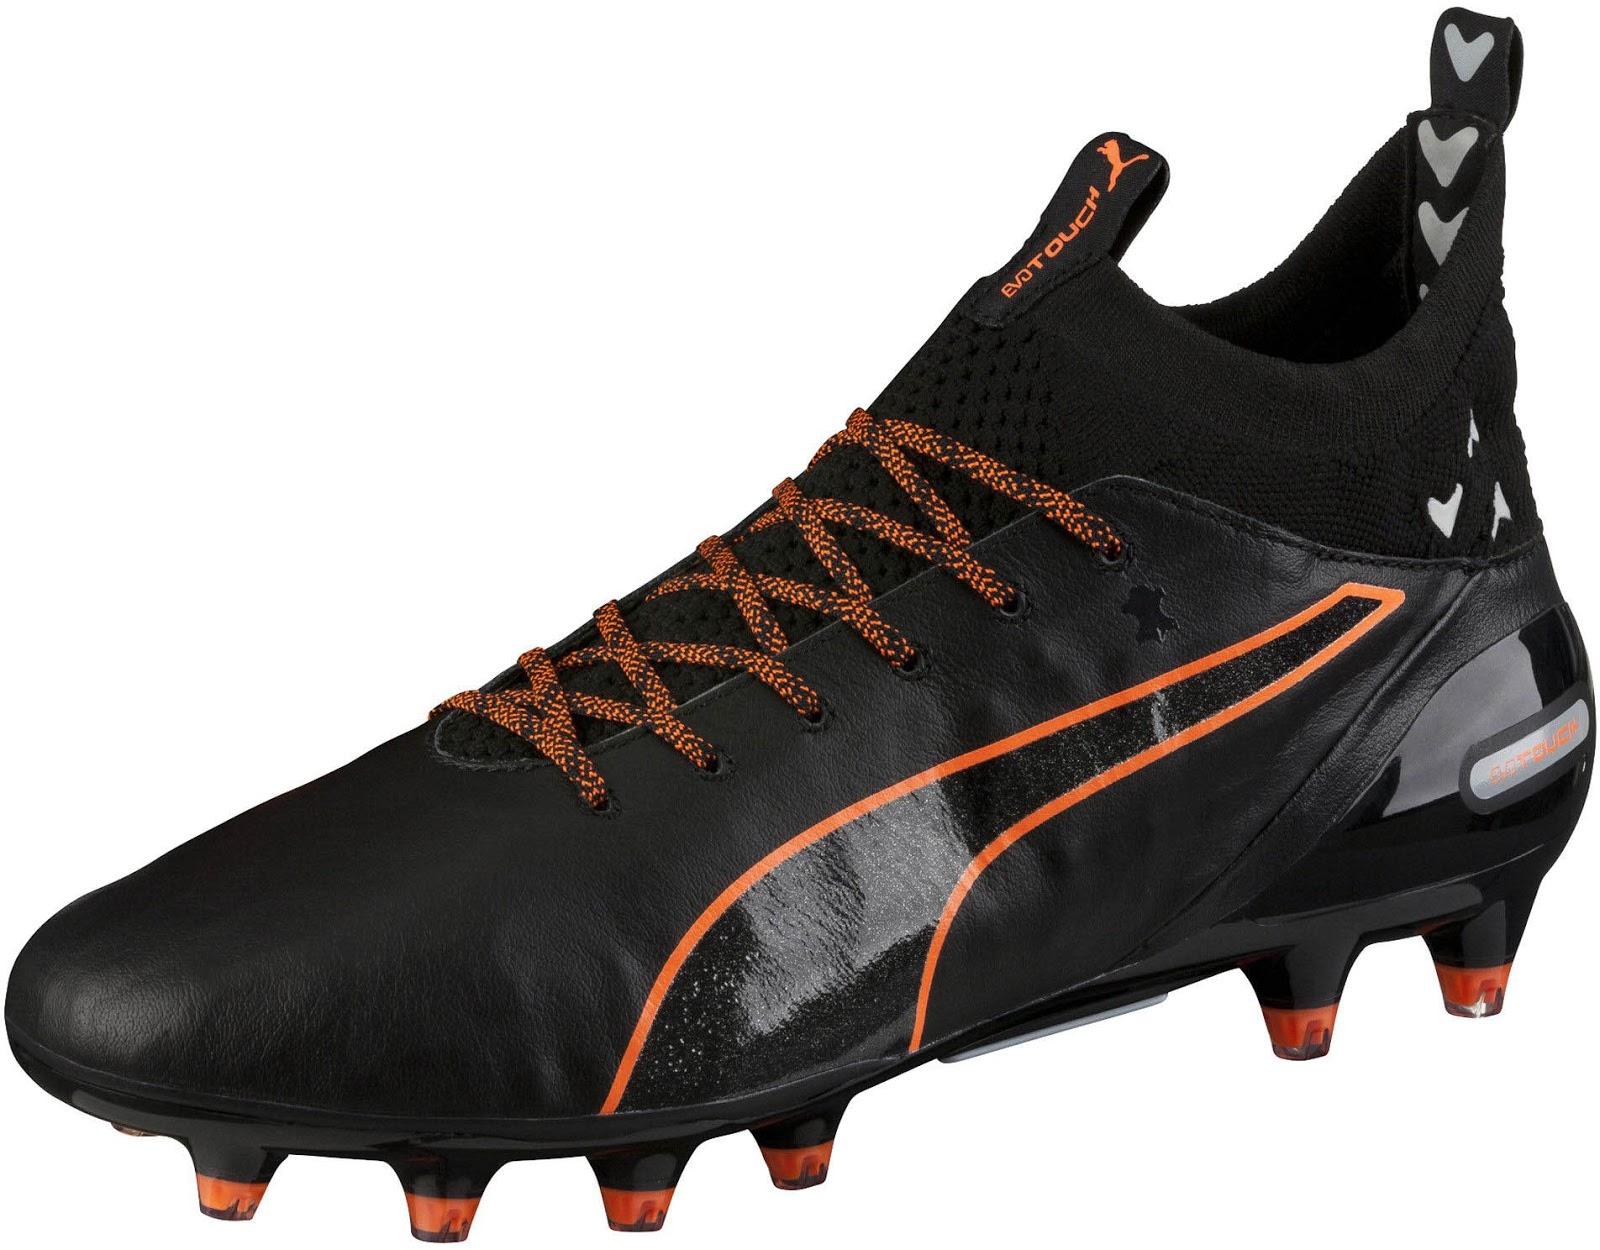 black-orange-puma-evotouch-2016-17-boots left